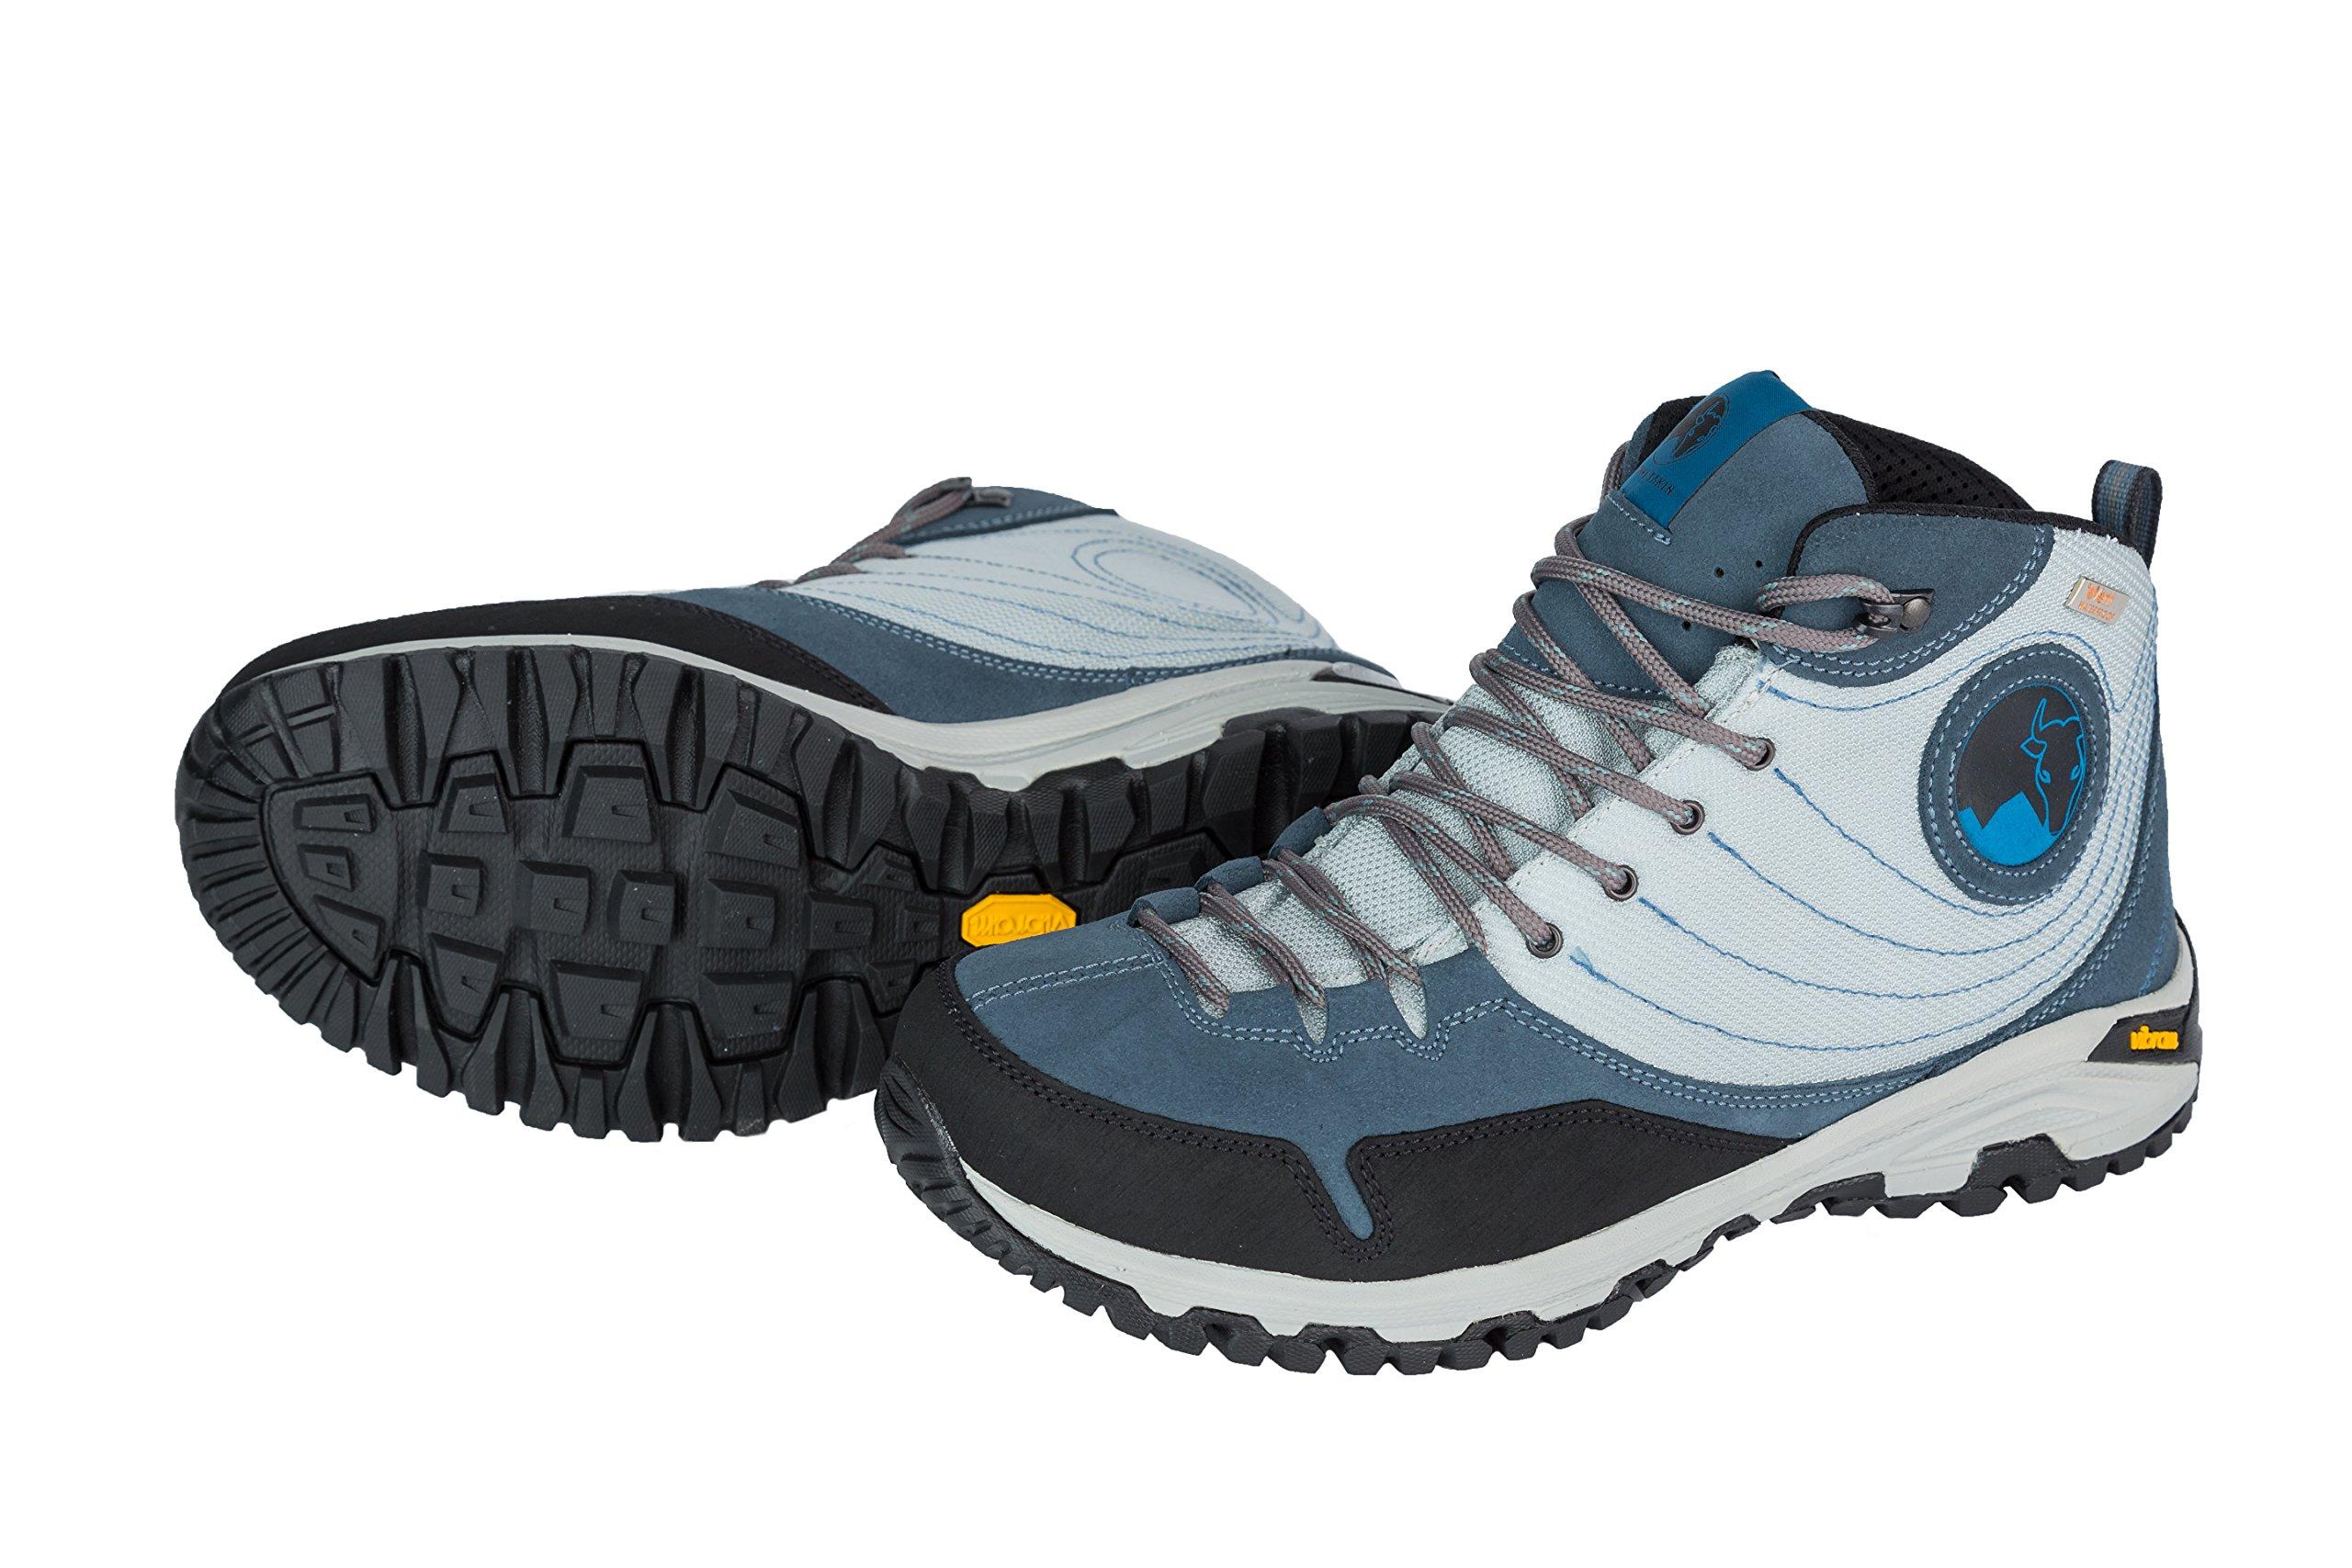 Mishmi Takin Jampui Mid Event Waterproof Light & Fast Hiking Shoe (EU 41/US W 9.5/US M 8.5, Blue Jean)